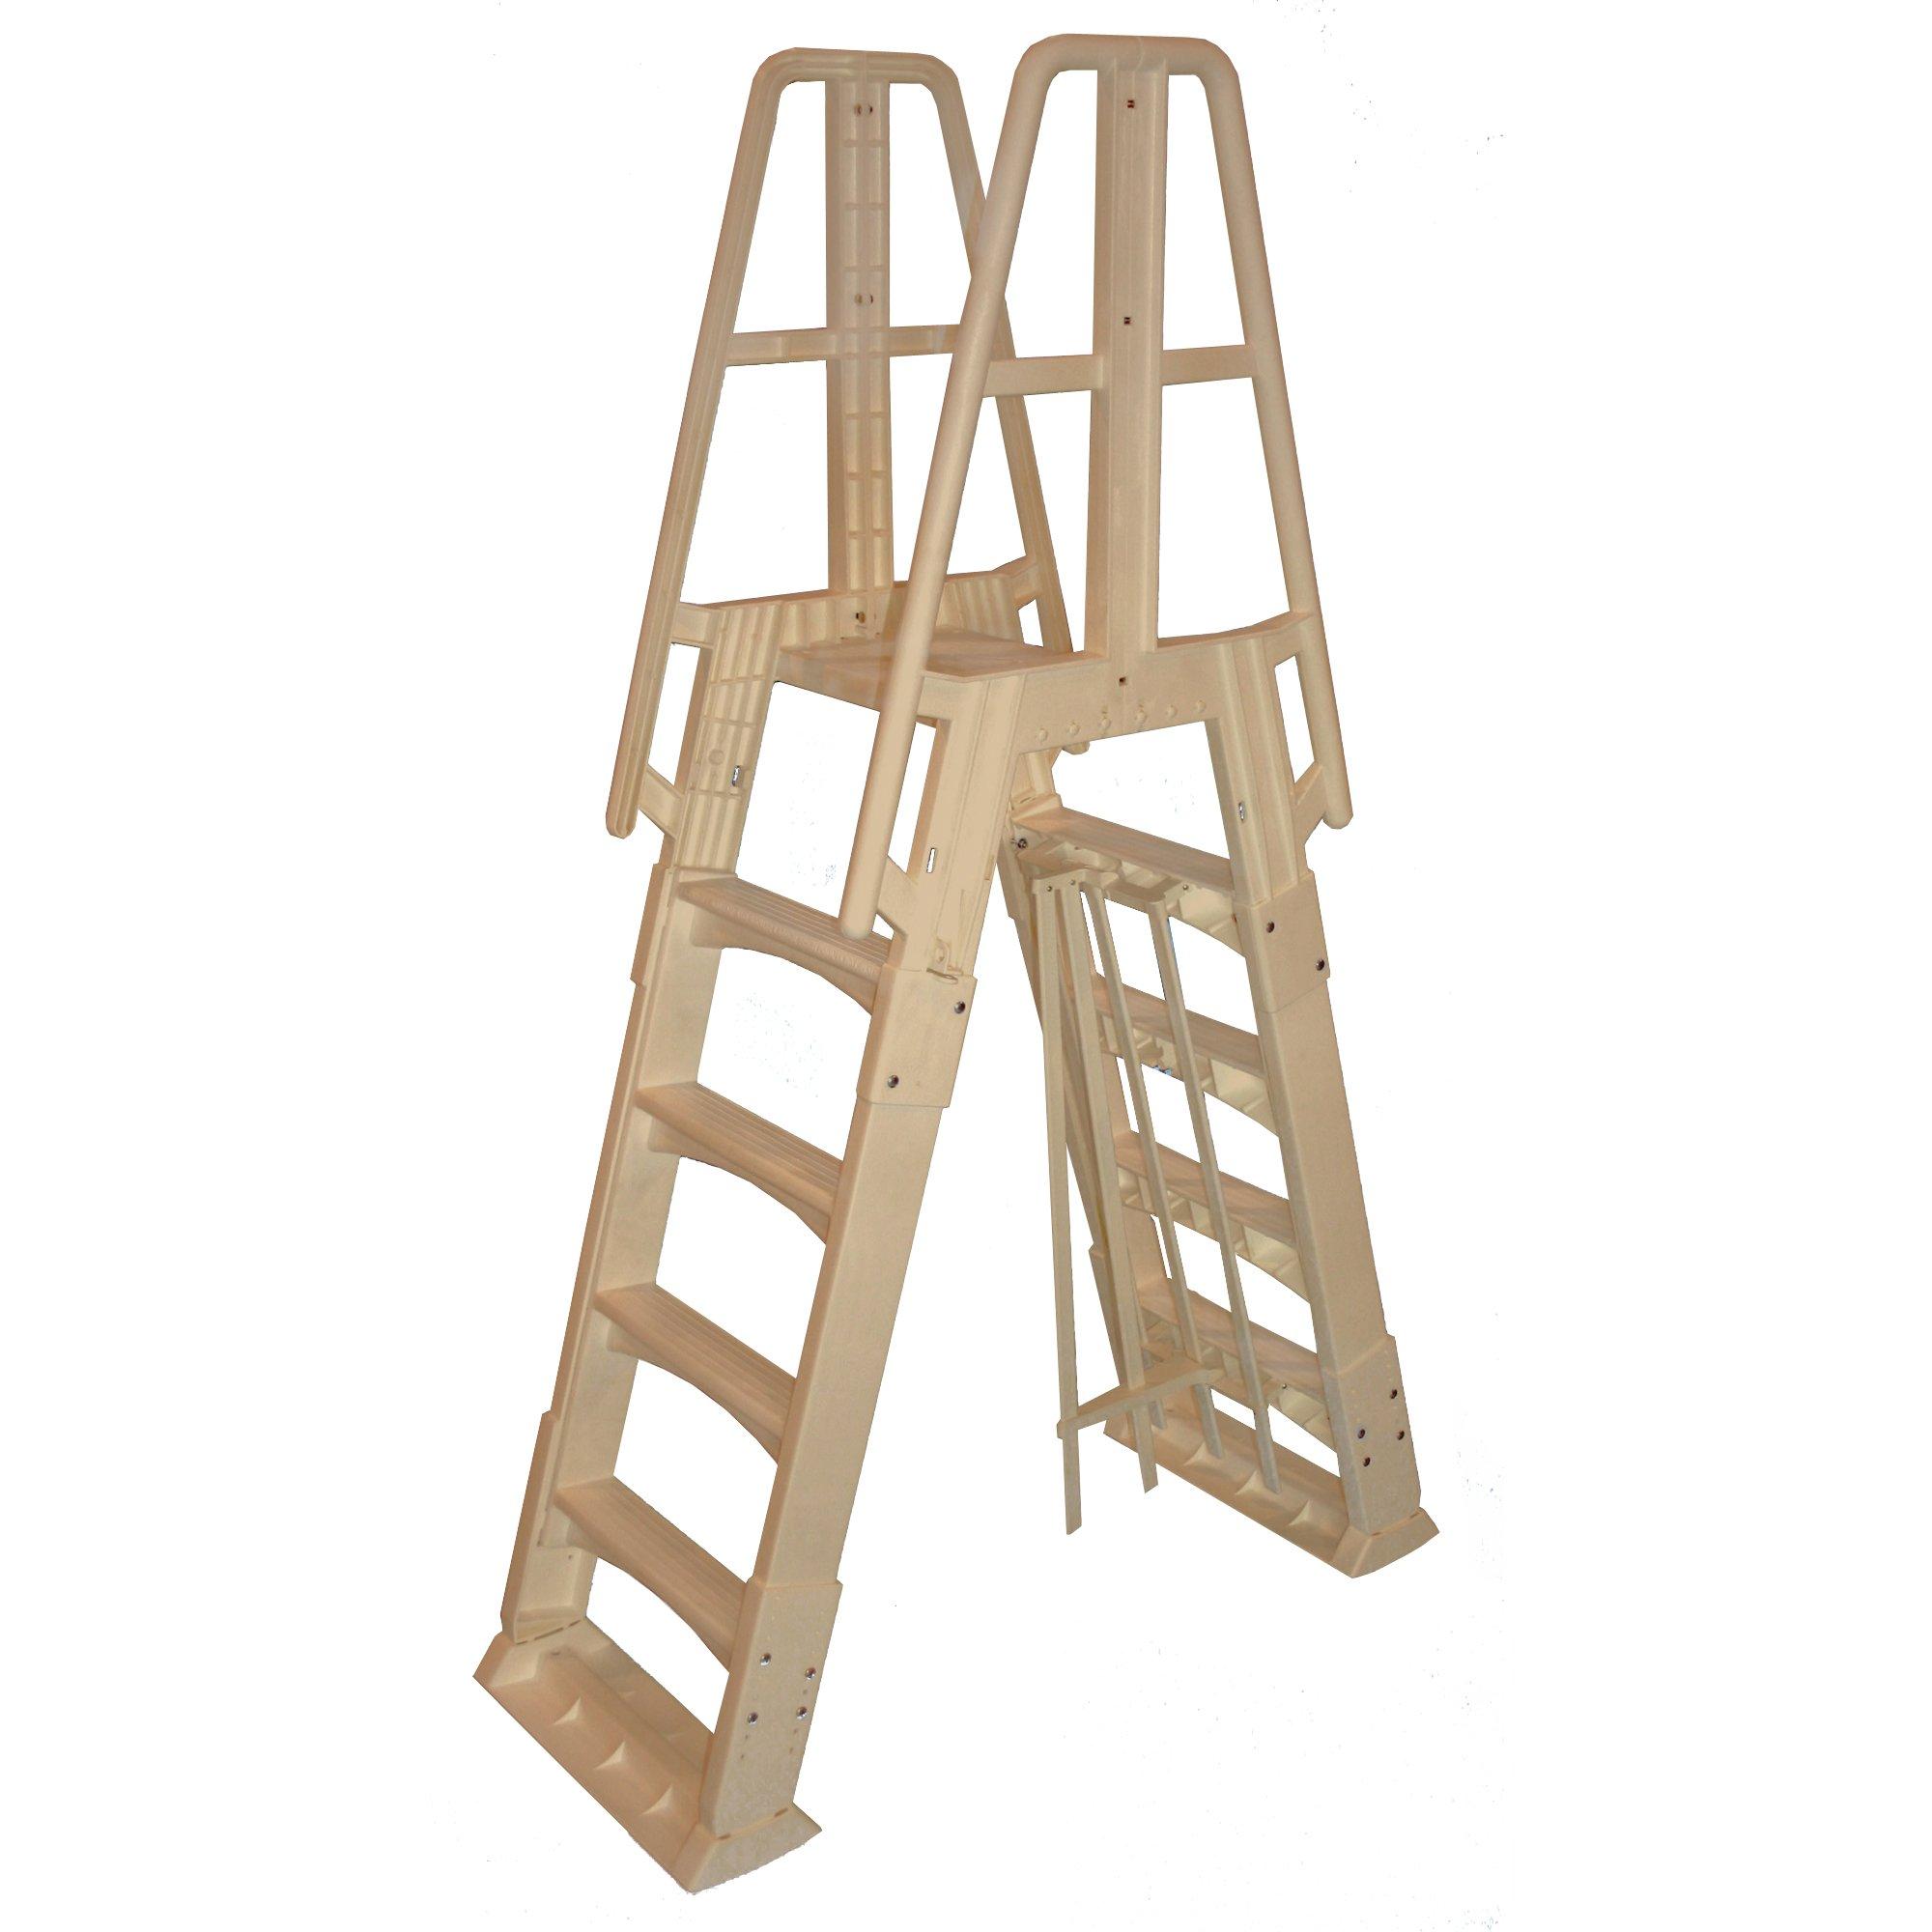 Cheap 14 Foot A Frame Ladder, find 14 Foot A Frame Ladder deals on ...